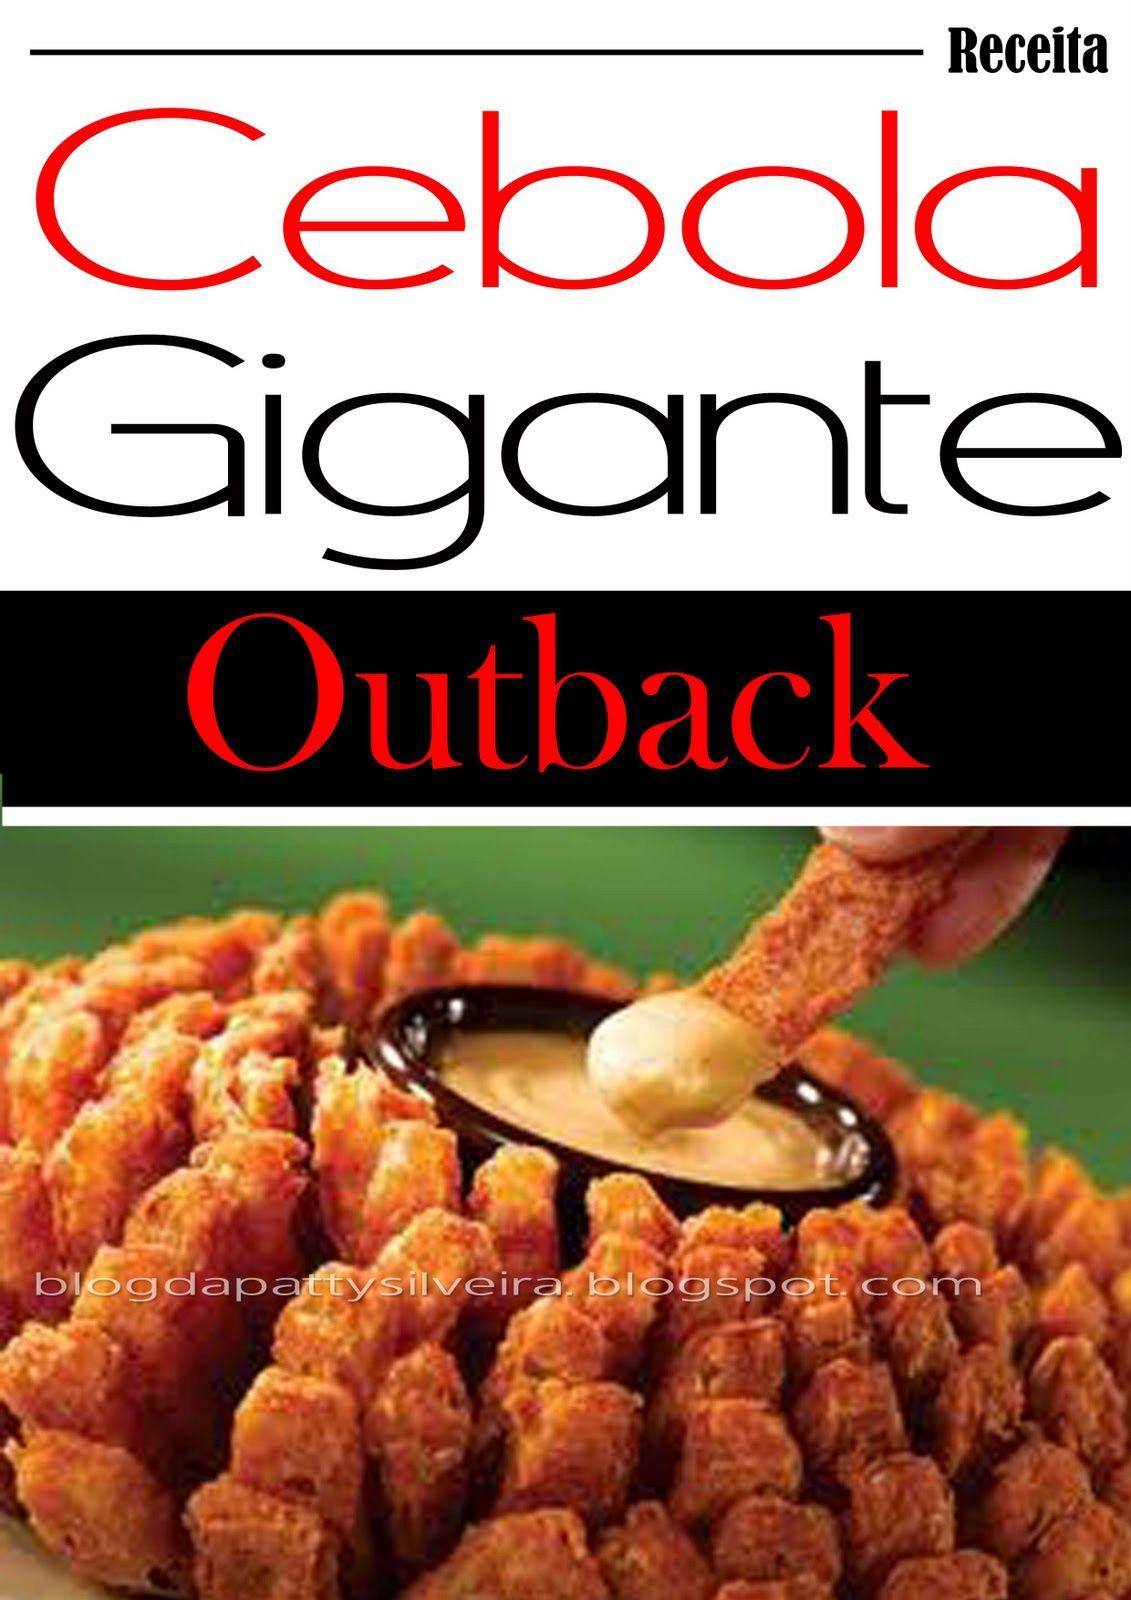 Blog da Patty Silveira: Receita: Cebola Gigante do Outback